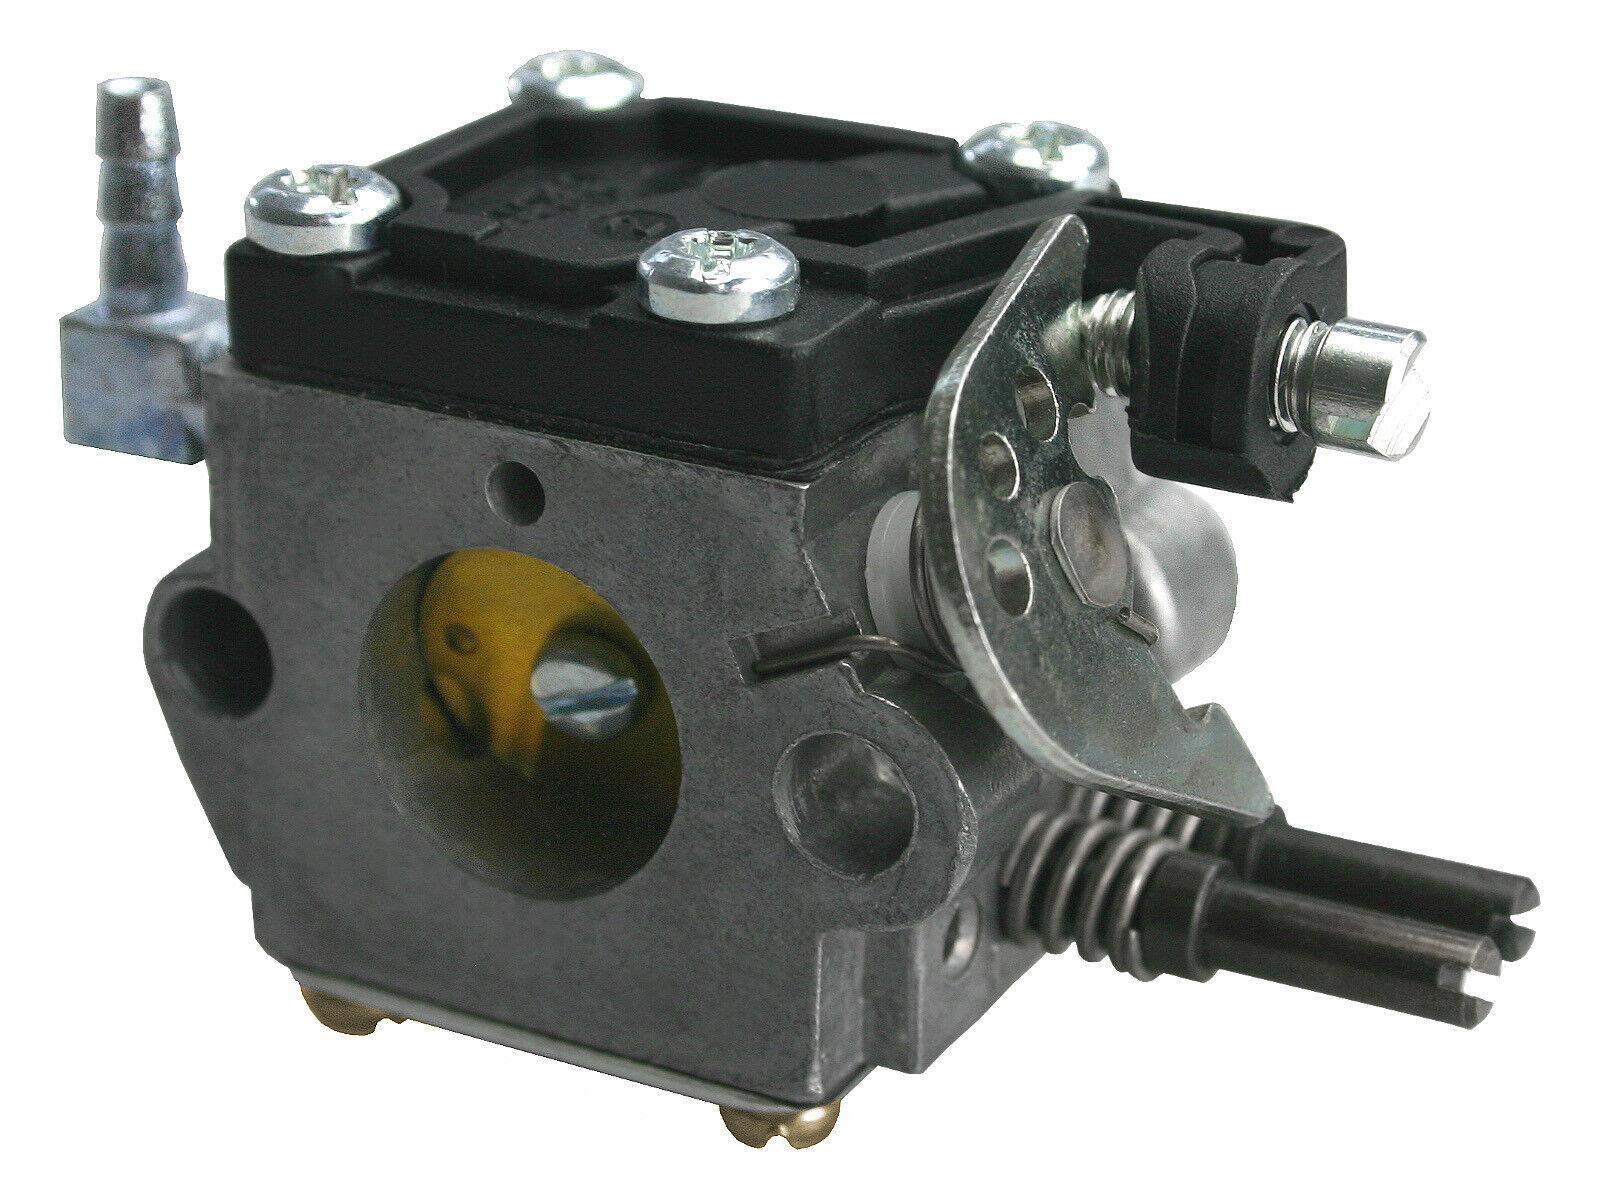 Cocheburador Tillotson hu 19f Cocheburetor